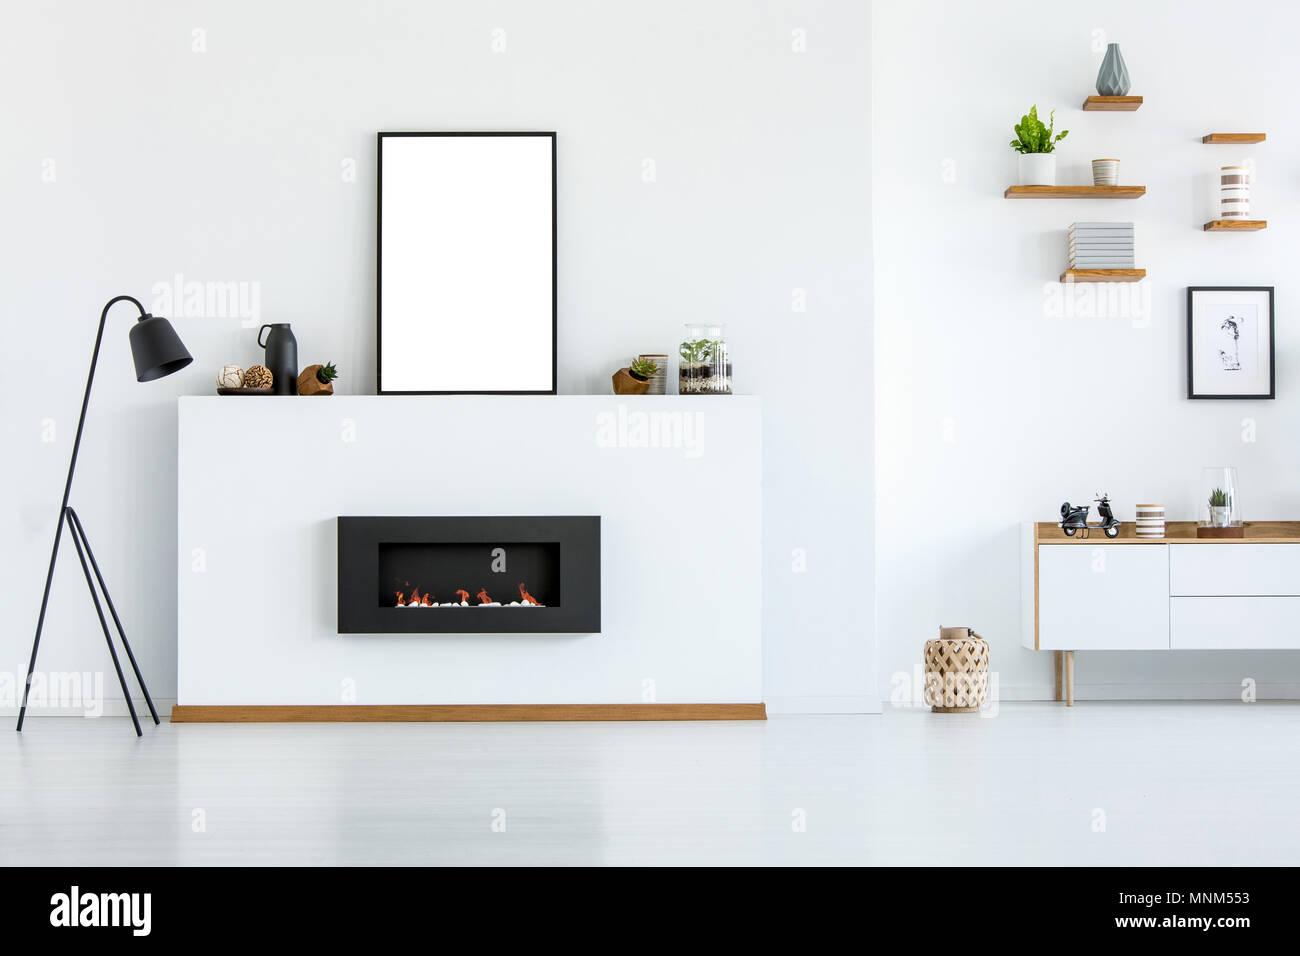 Schwarze Lampe neben dem Kamin in Weiß Wohnzimmer Interieur mit ...